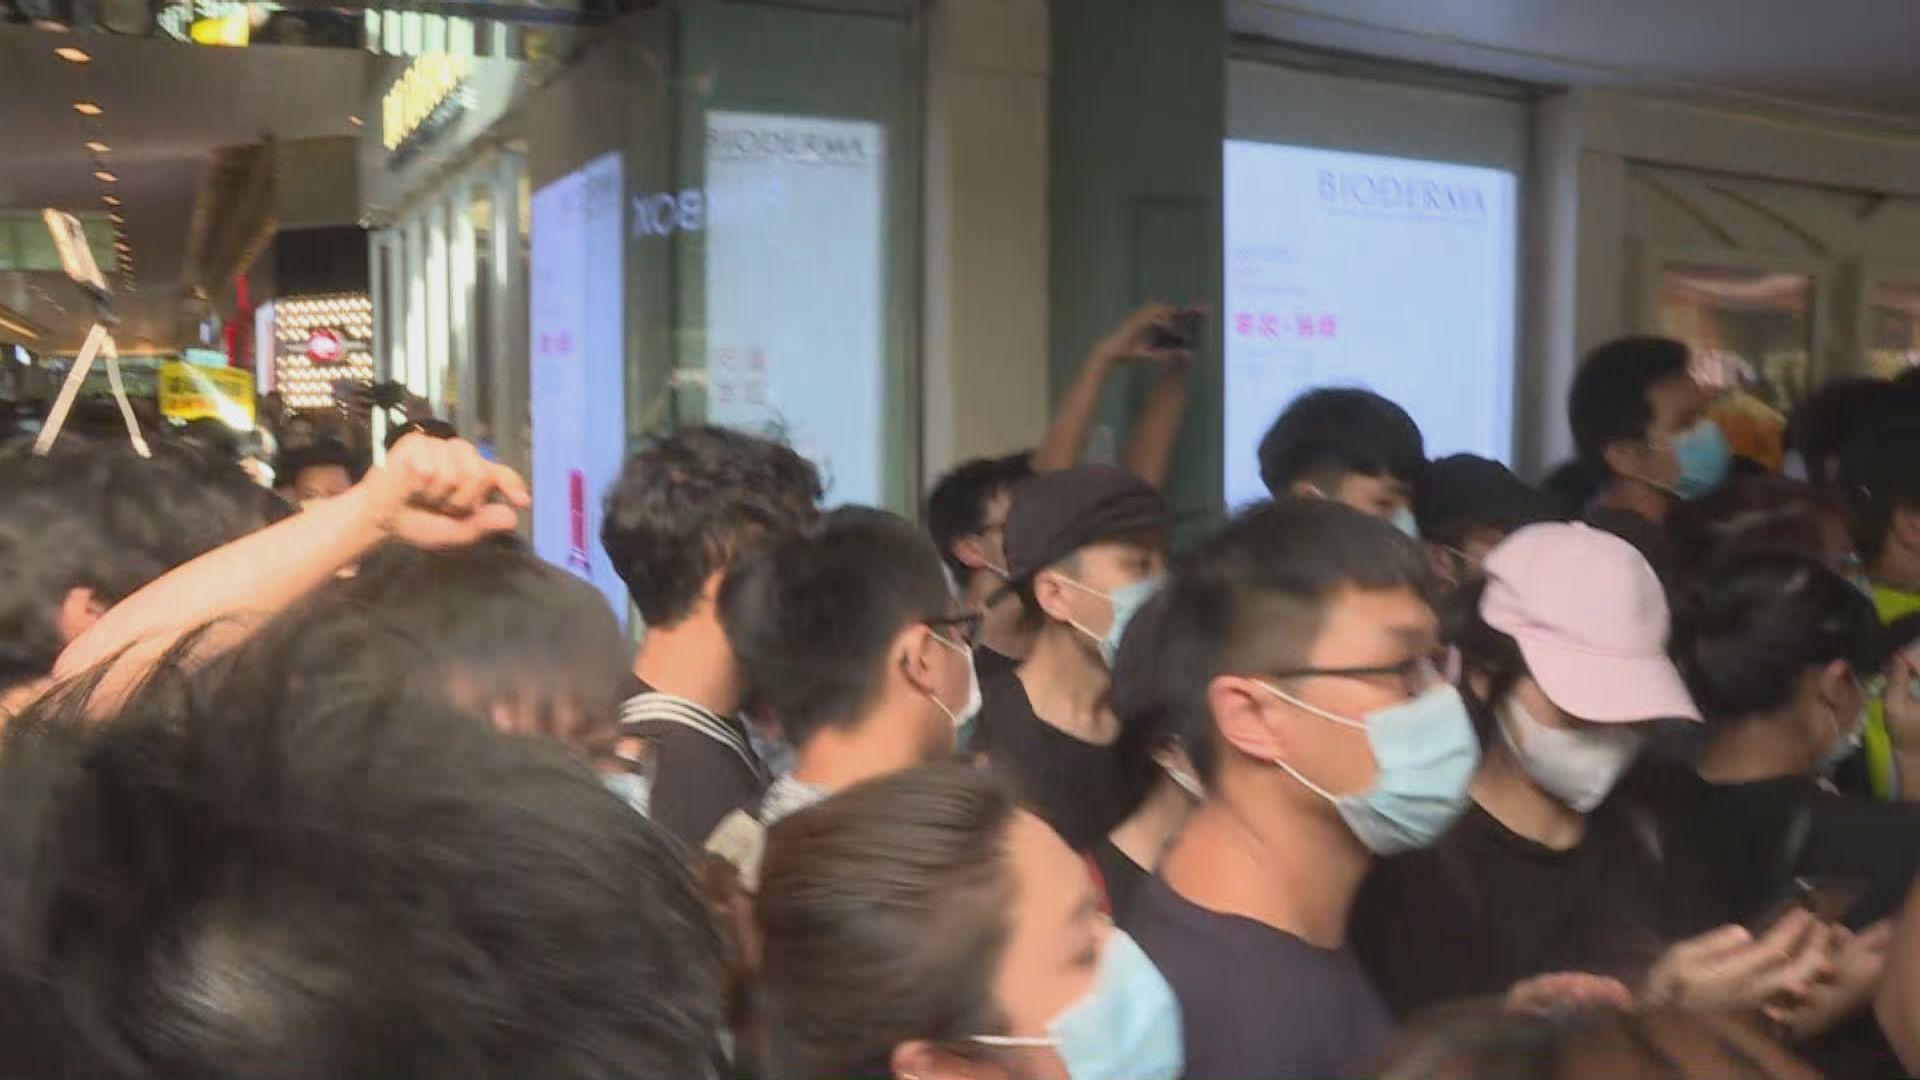 【不斷更新】市民發起「光復上水」遊行後與警方爆衝突